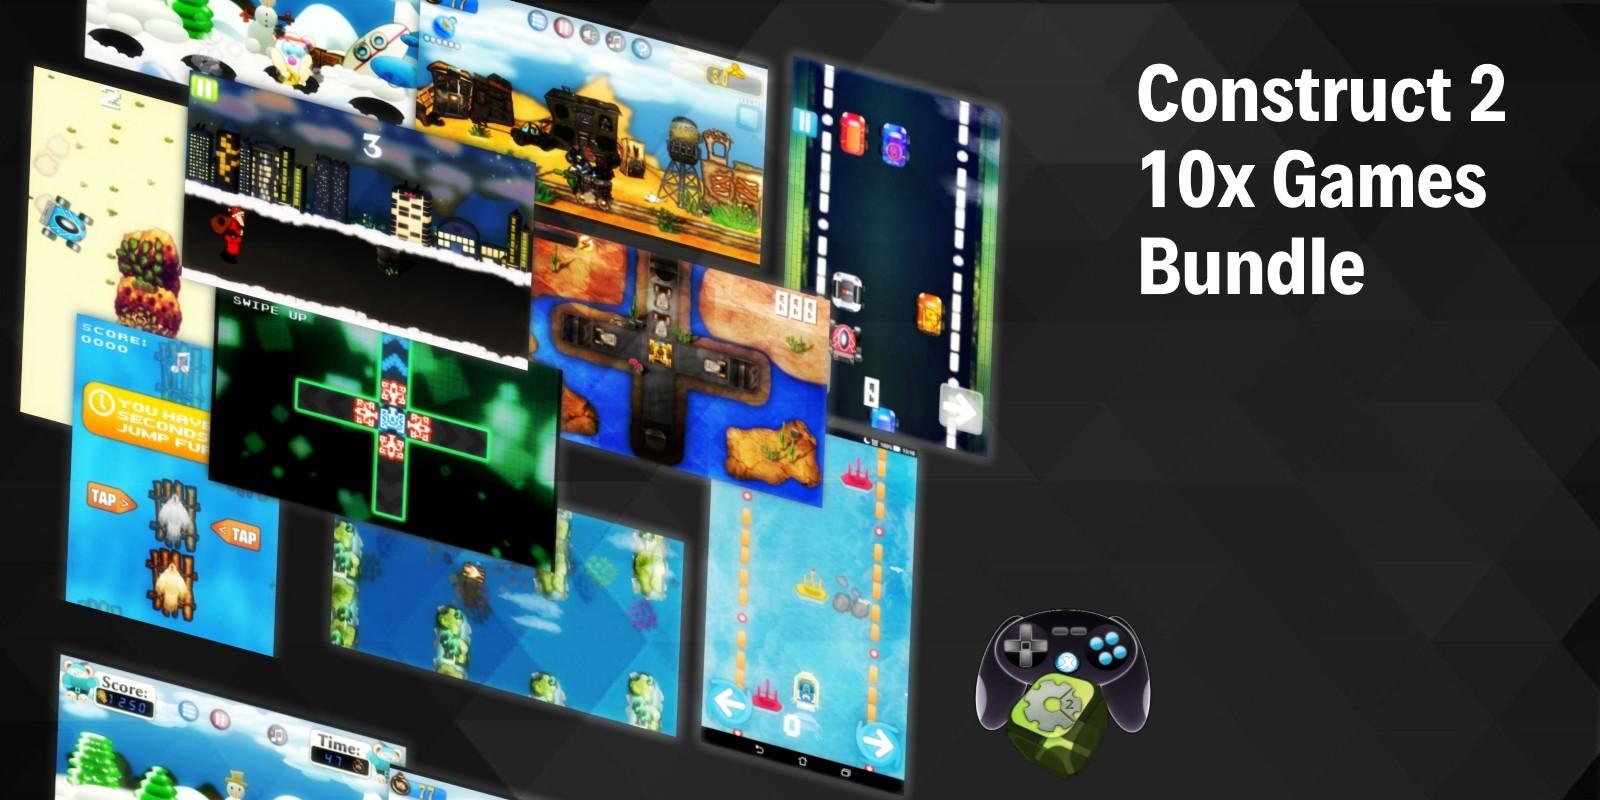 Construct 2 Games Bundle